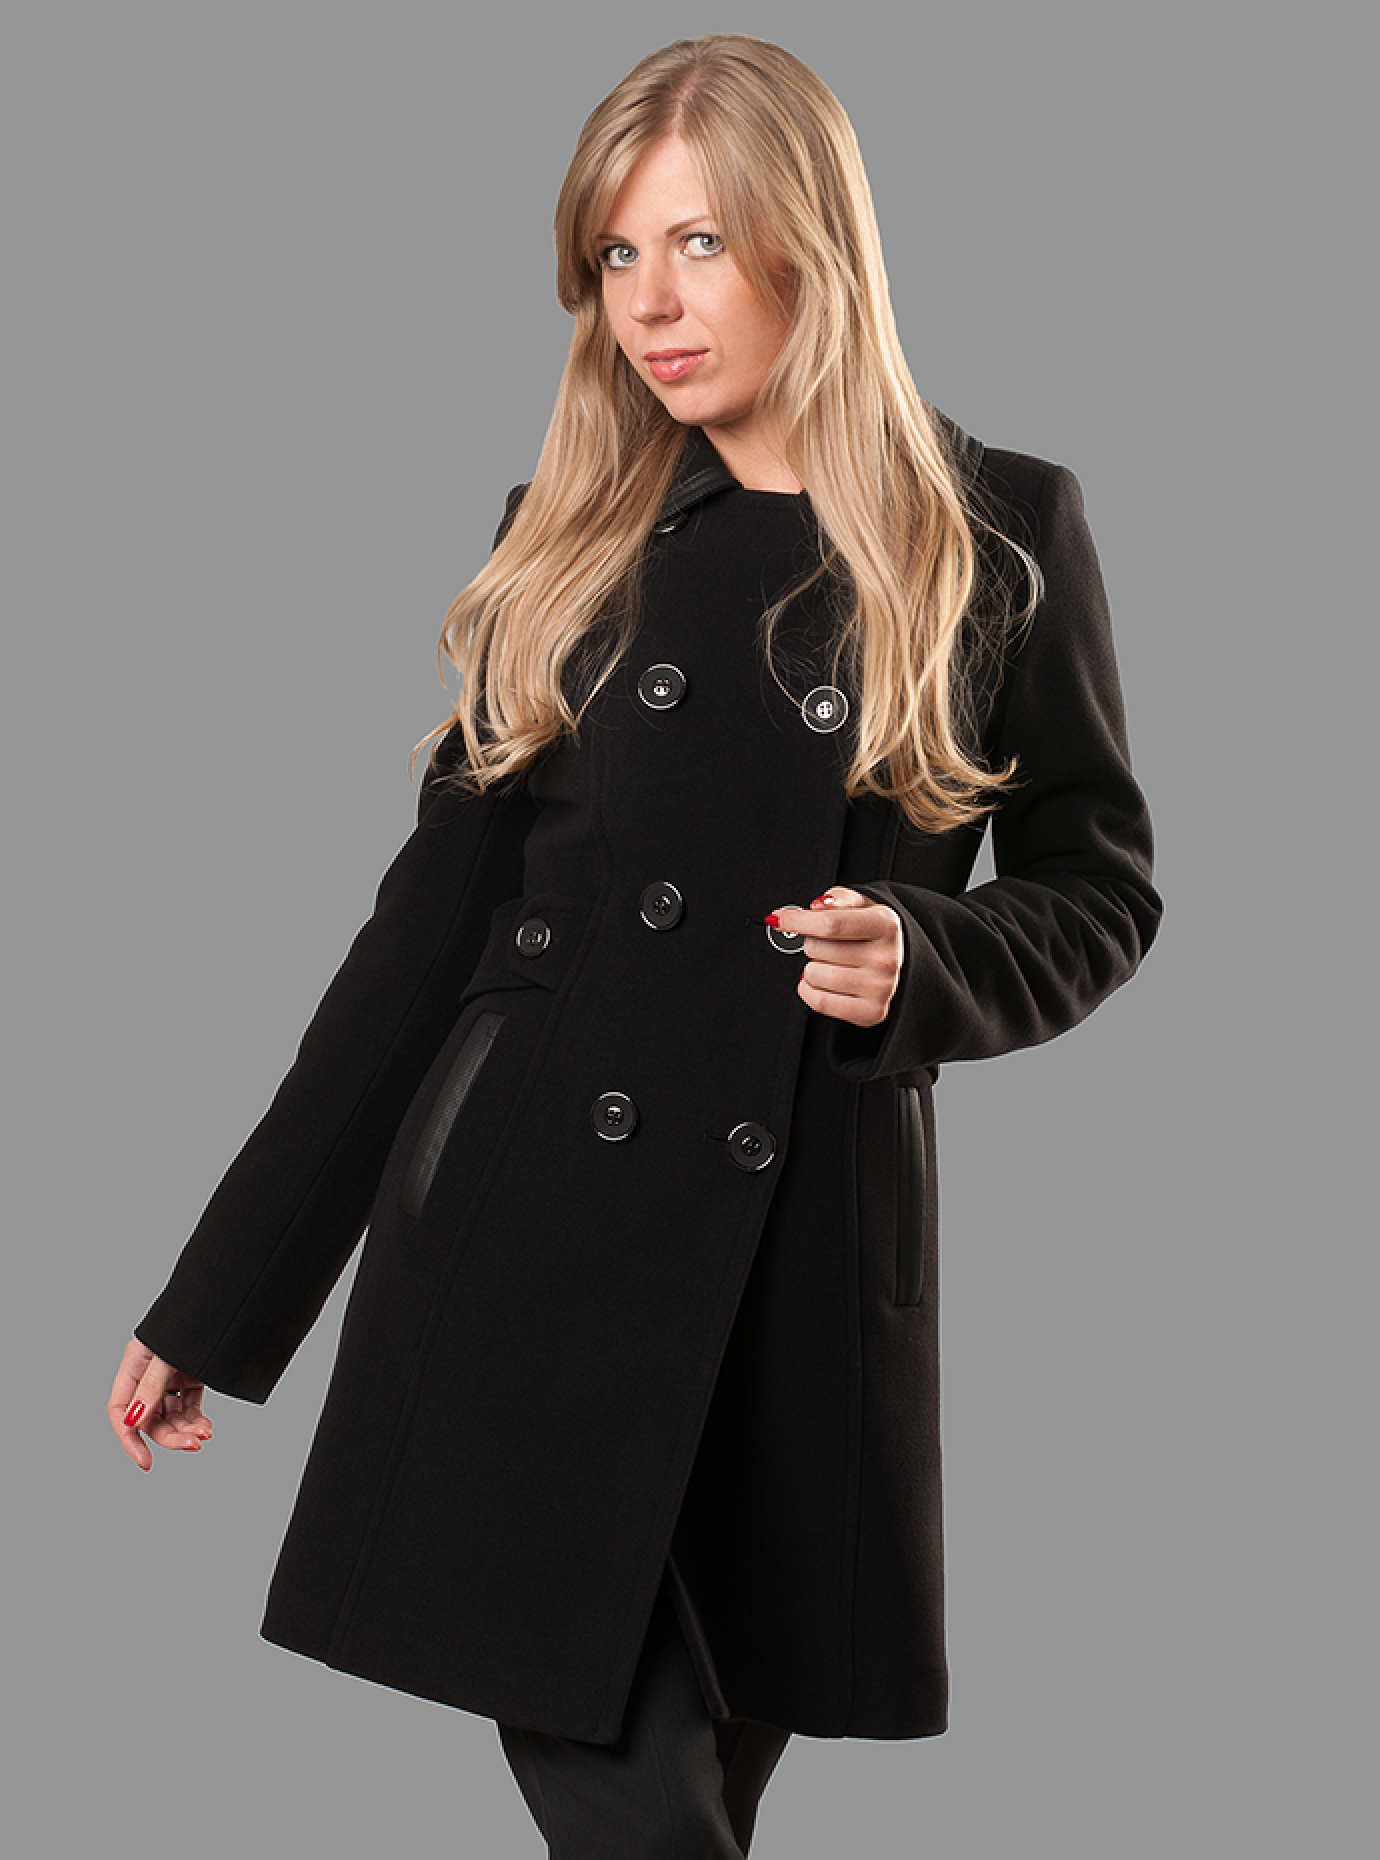 Пальто женское демисезонное Чёрный S (05-ZZ19101): фото - Alster.ua